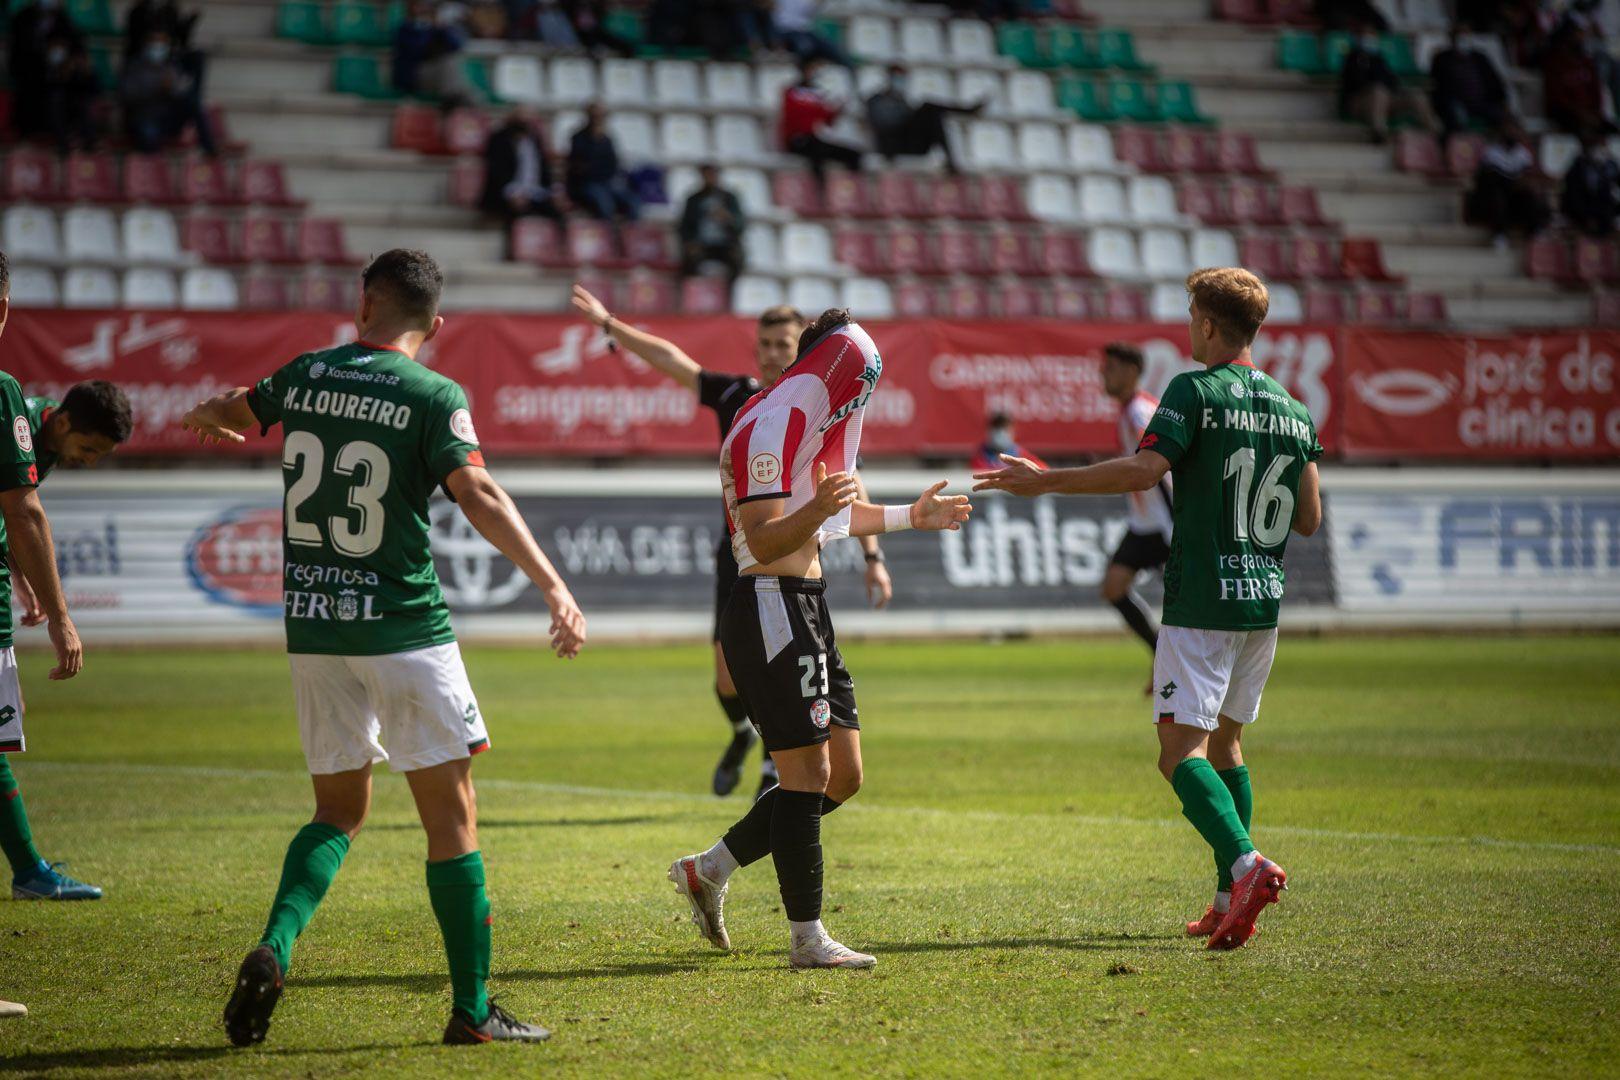 GALERÍA | Las mejores imágenes del partido entre el Zamora CF y el Racing de Ferrol